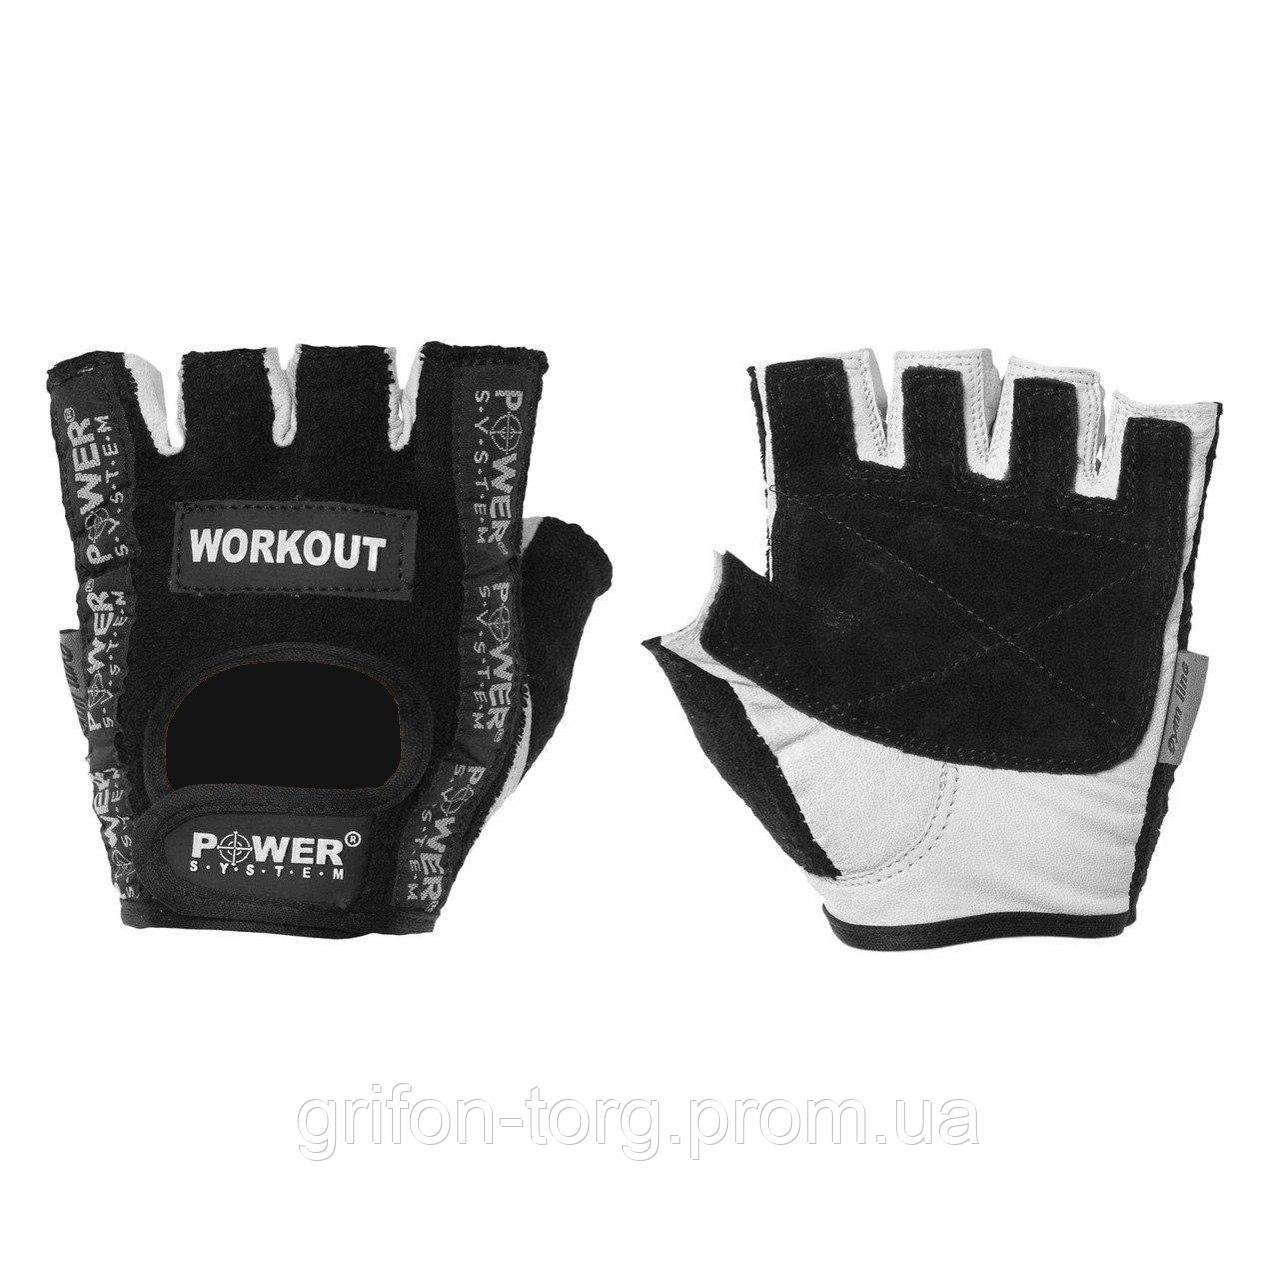 Перчатки для фитнеса и тяжелой атлетики Power System Workout PS-2200 Black XXL